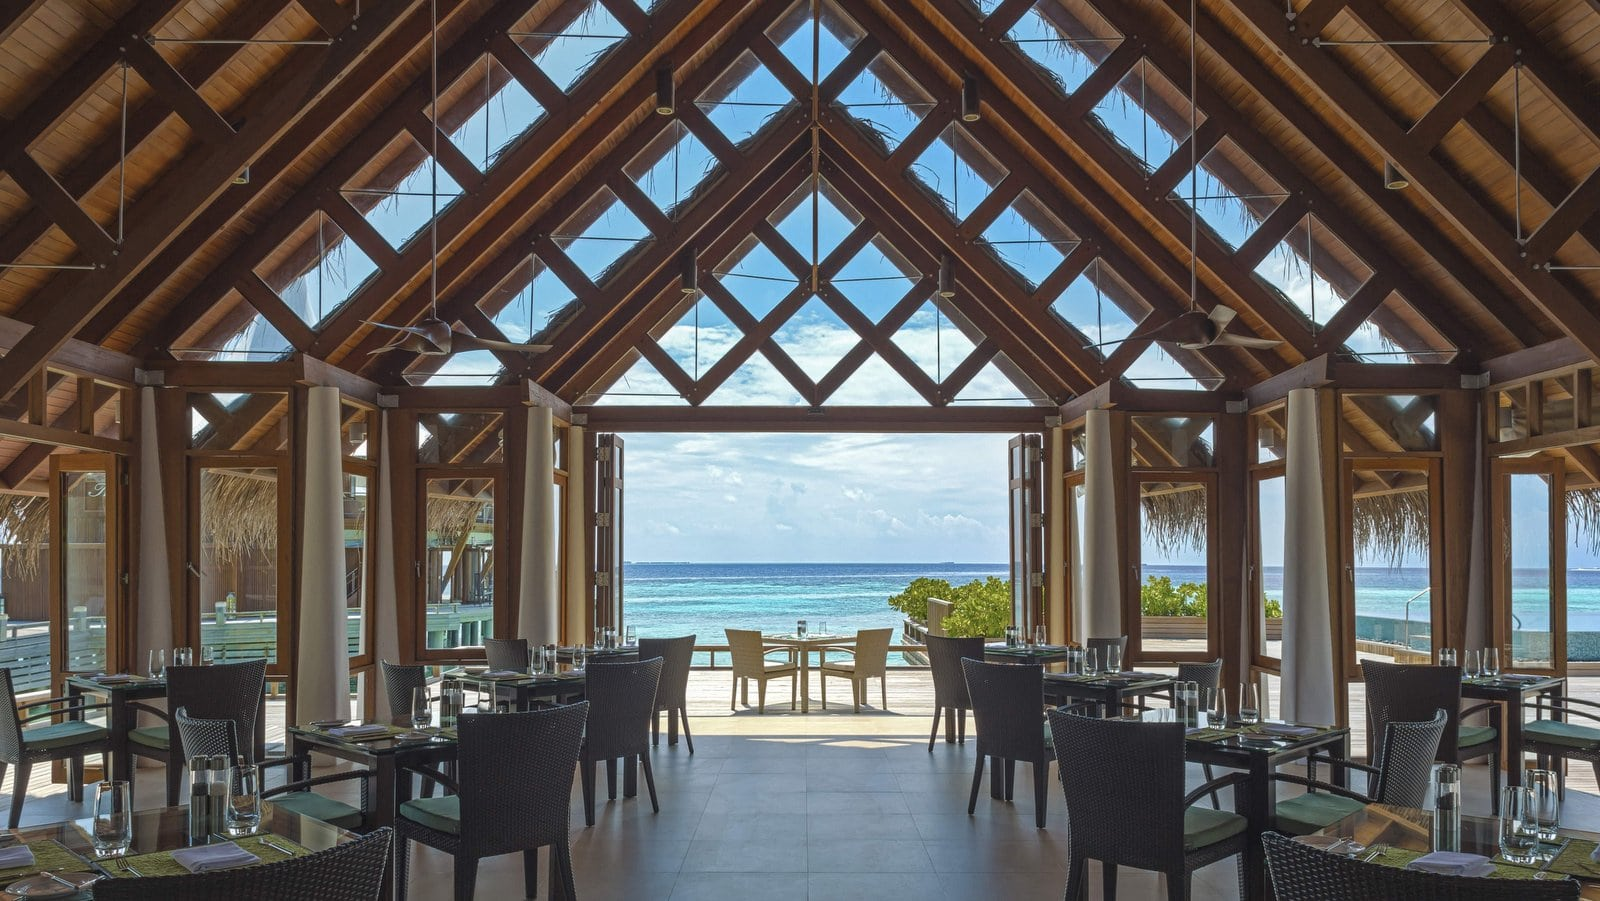 Мальдивы, отель Baros Maldives, ресторан Lime